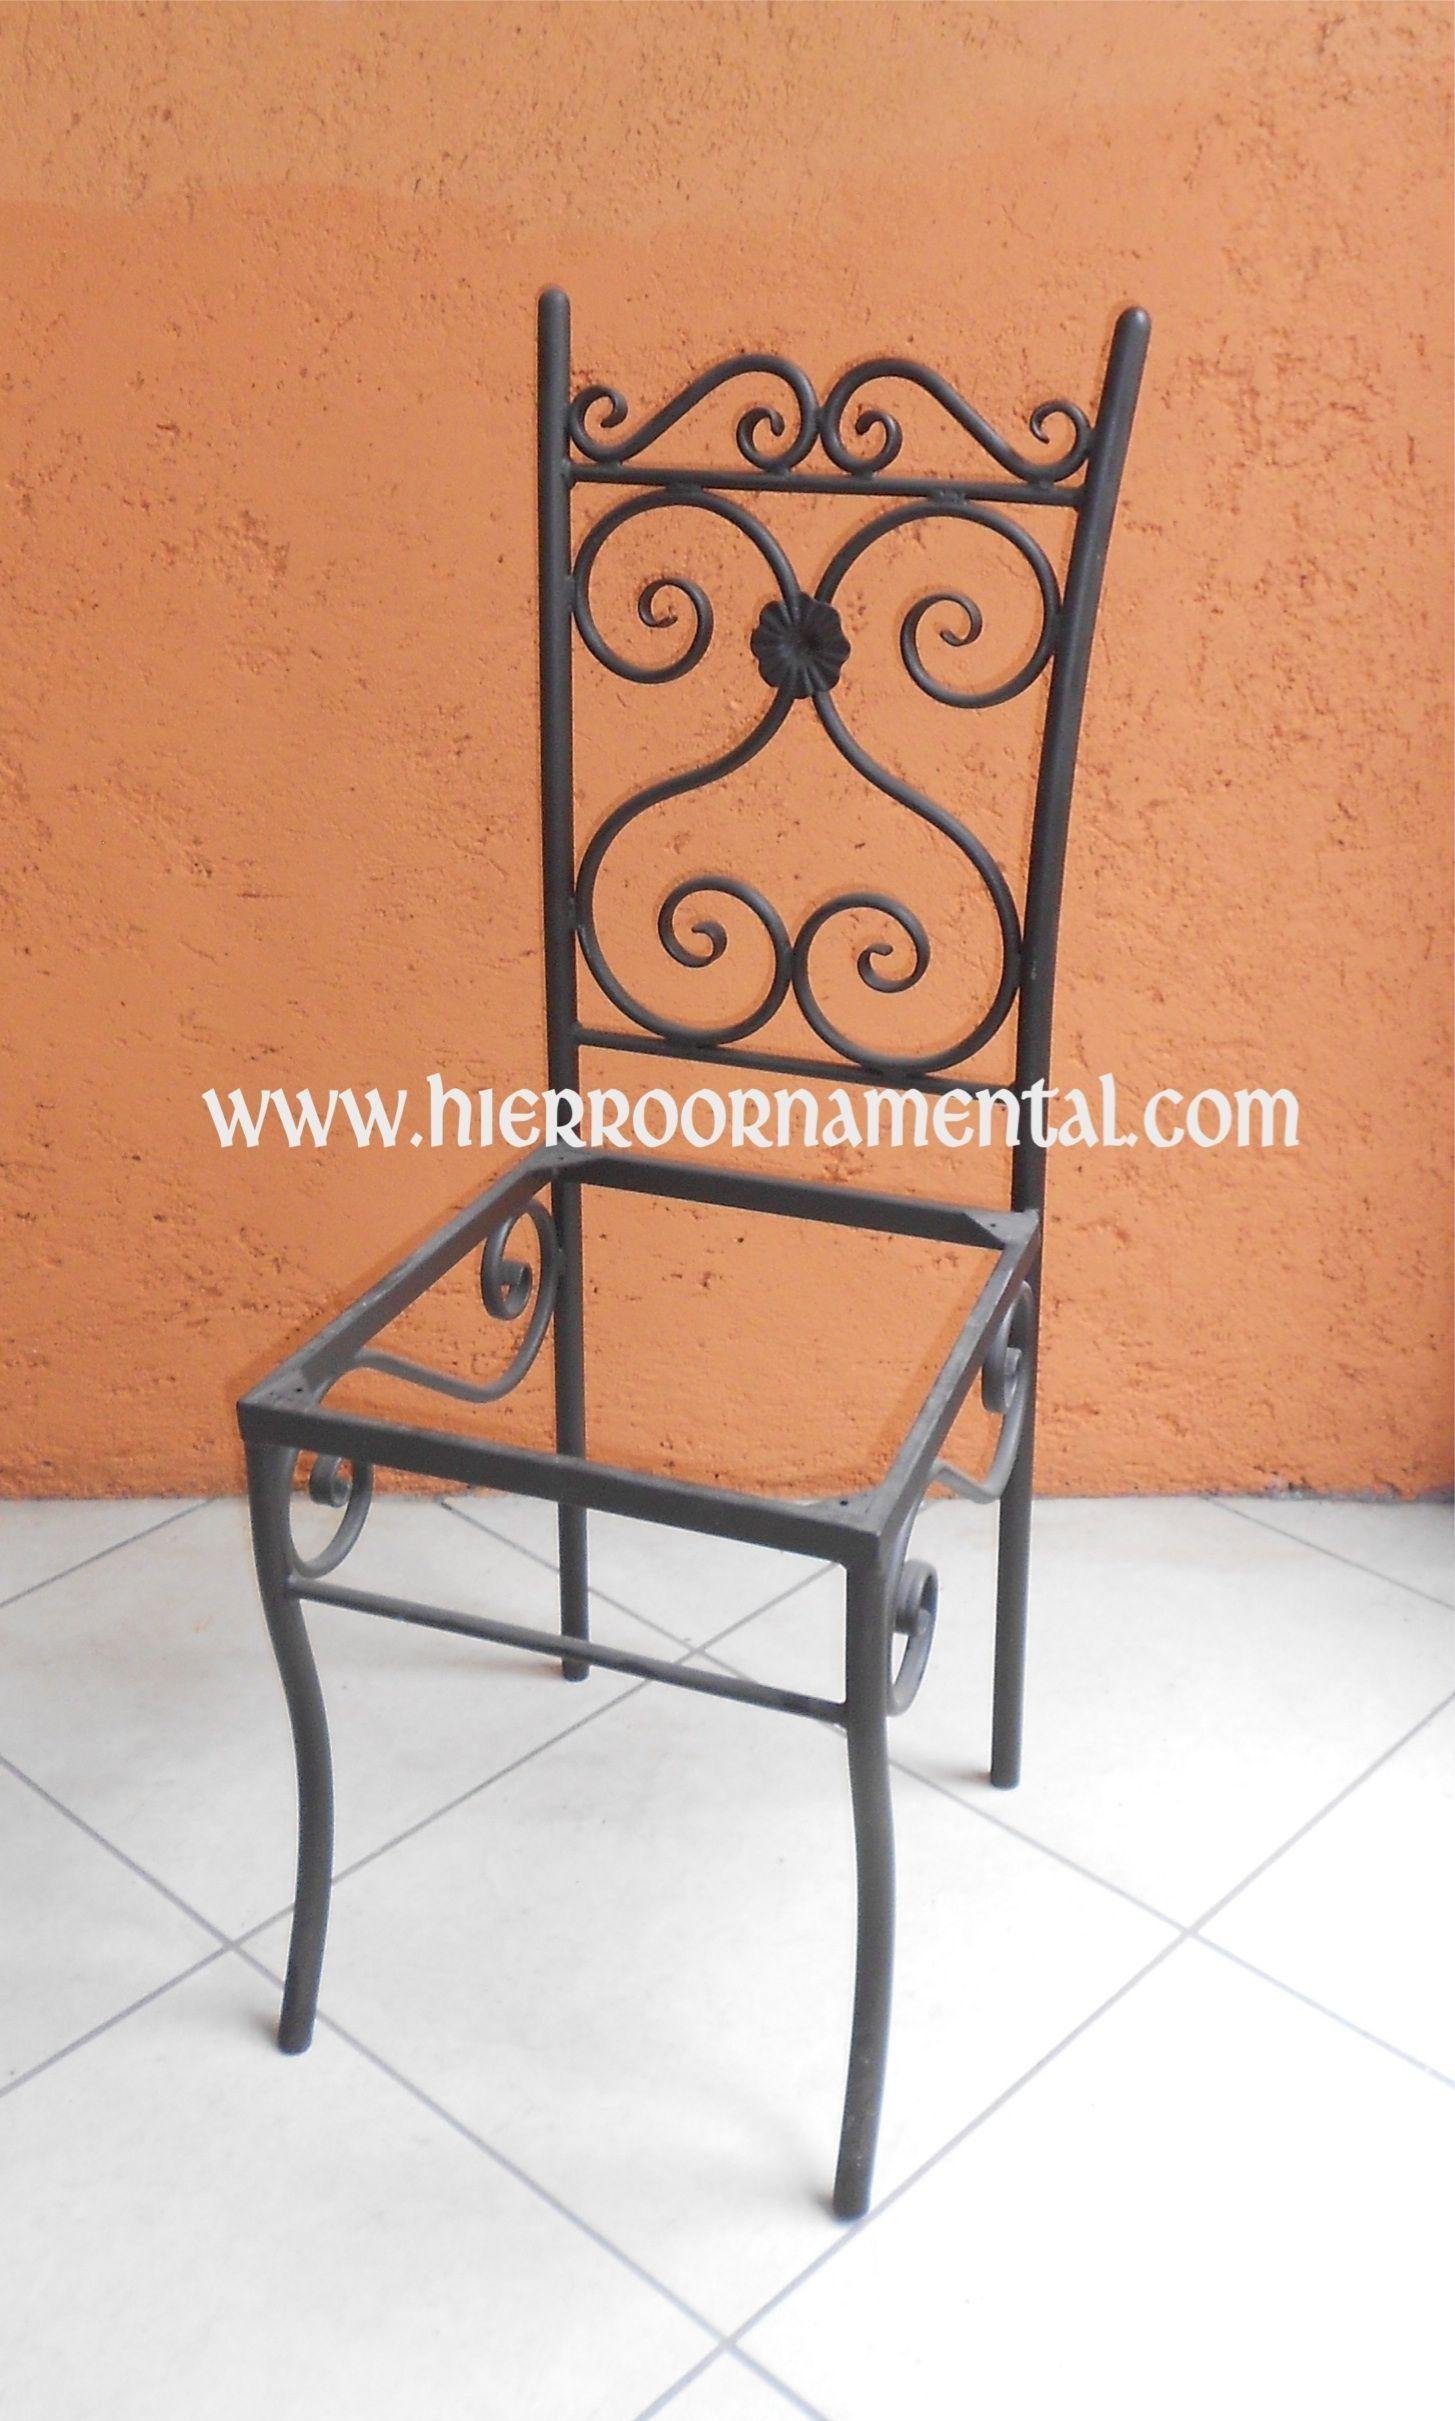 Silla detalle producto herrer a y madera pinterest for Sillas para jardin de herreria